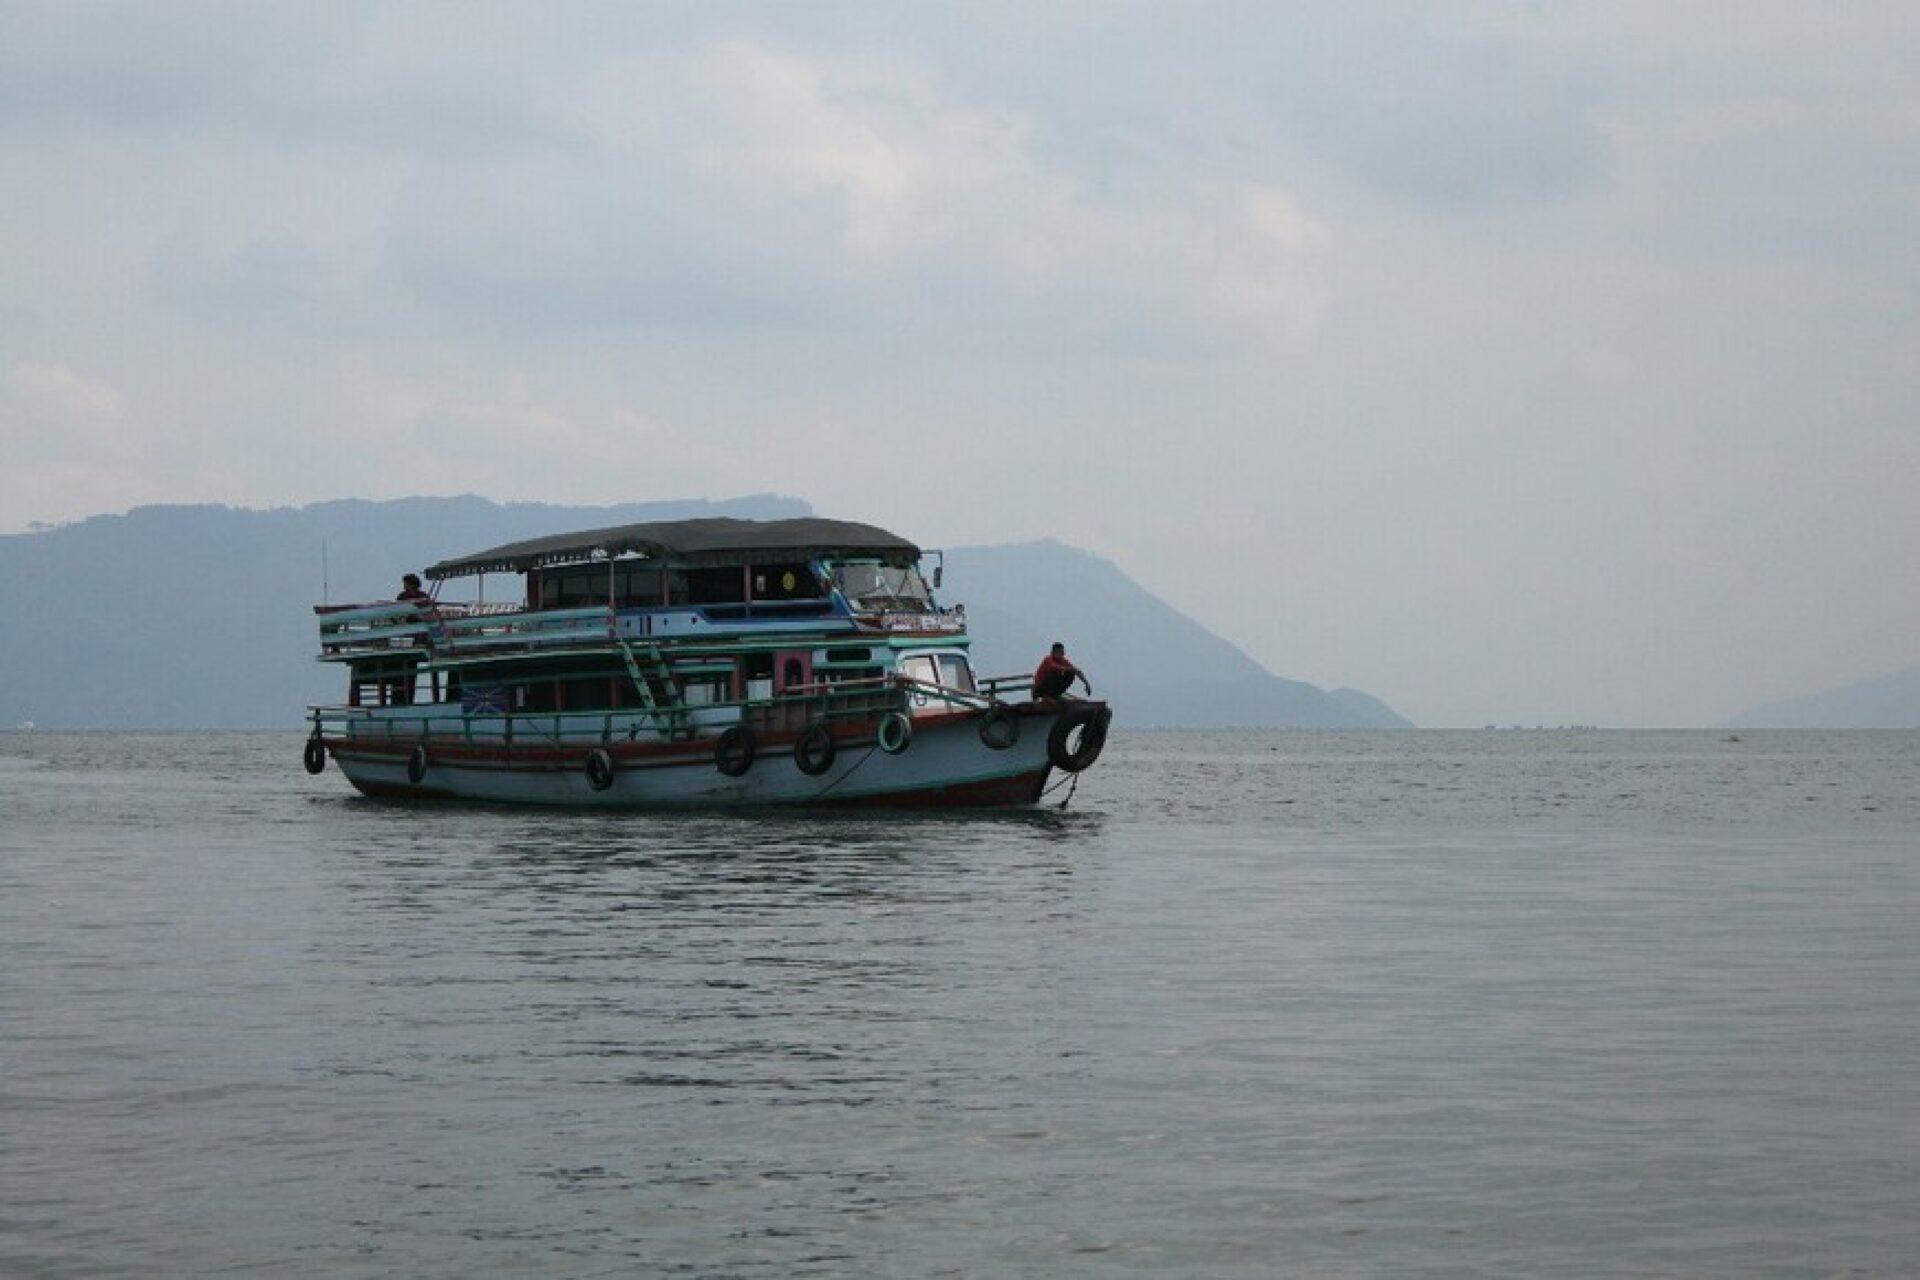 Озеро Тоба, Северная Суматра, Индонезия